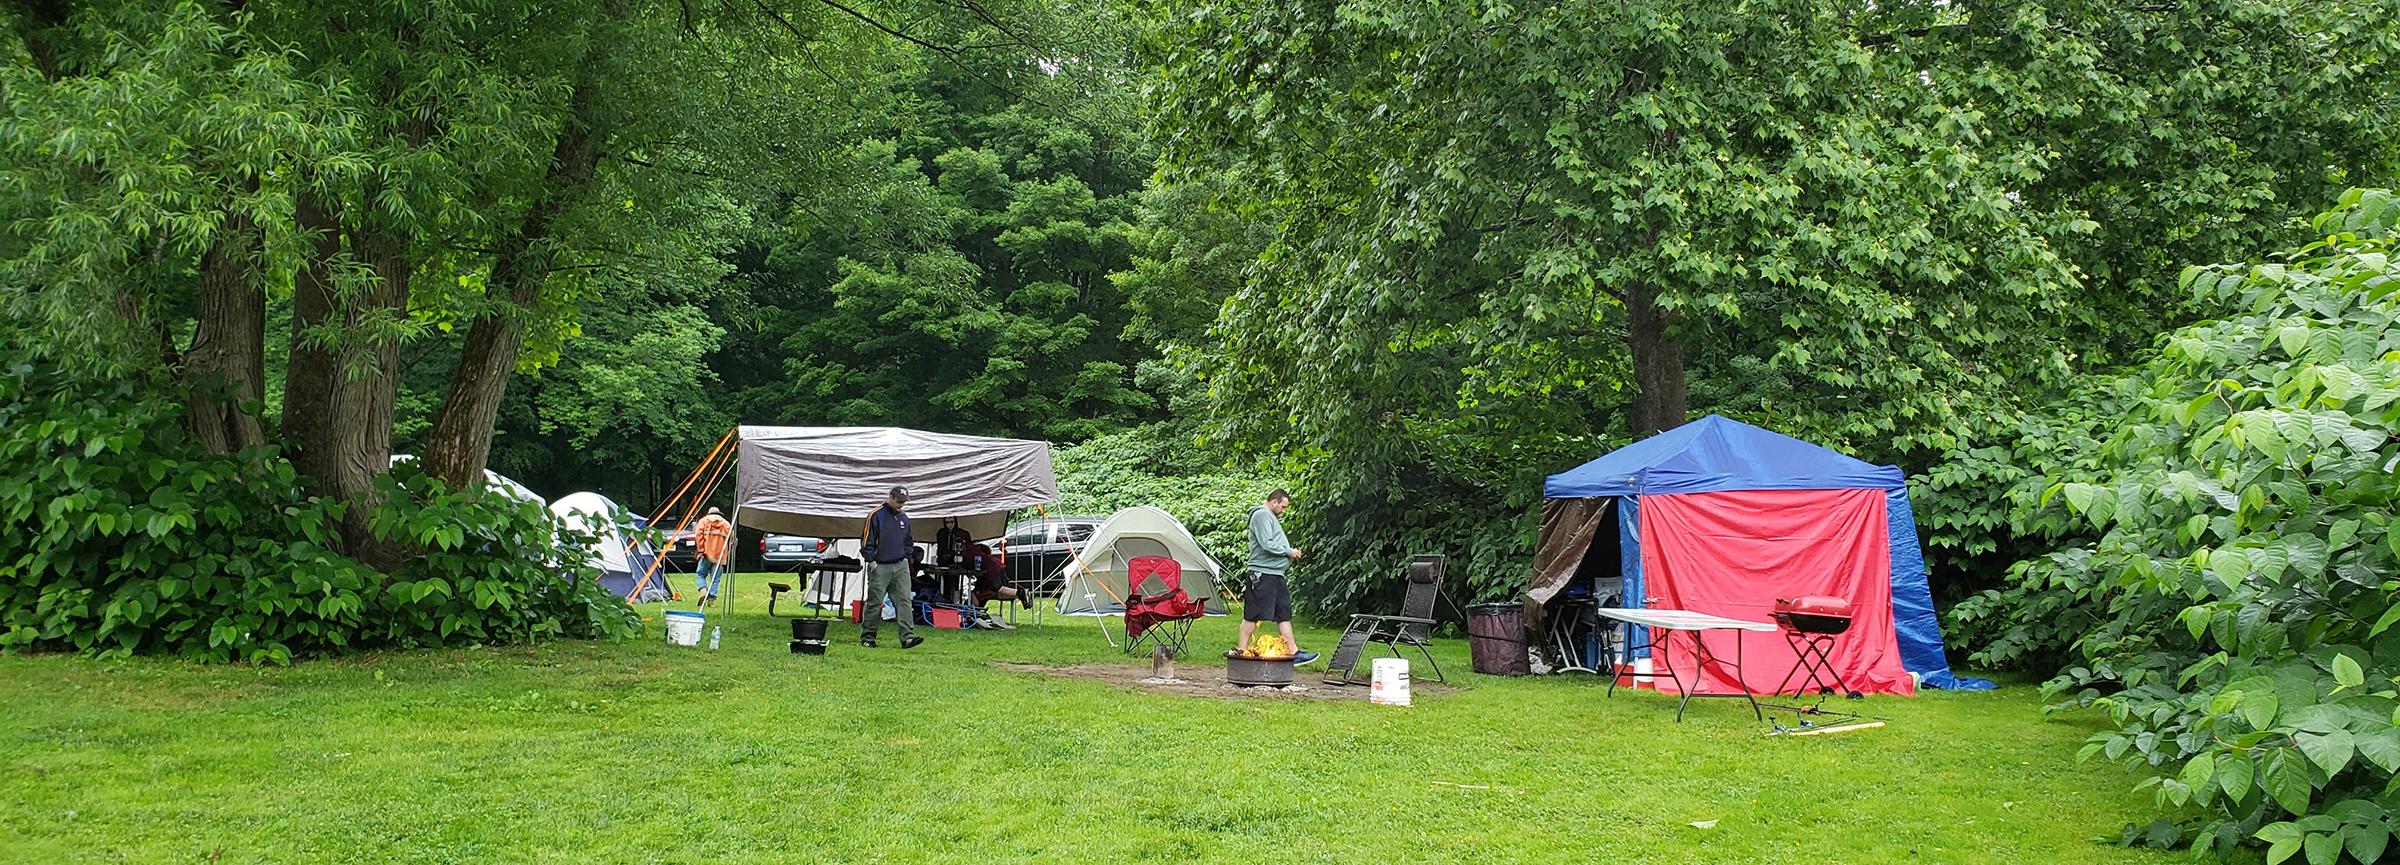 Camp_01.jpg